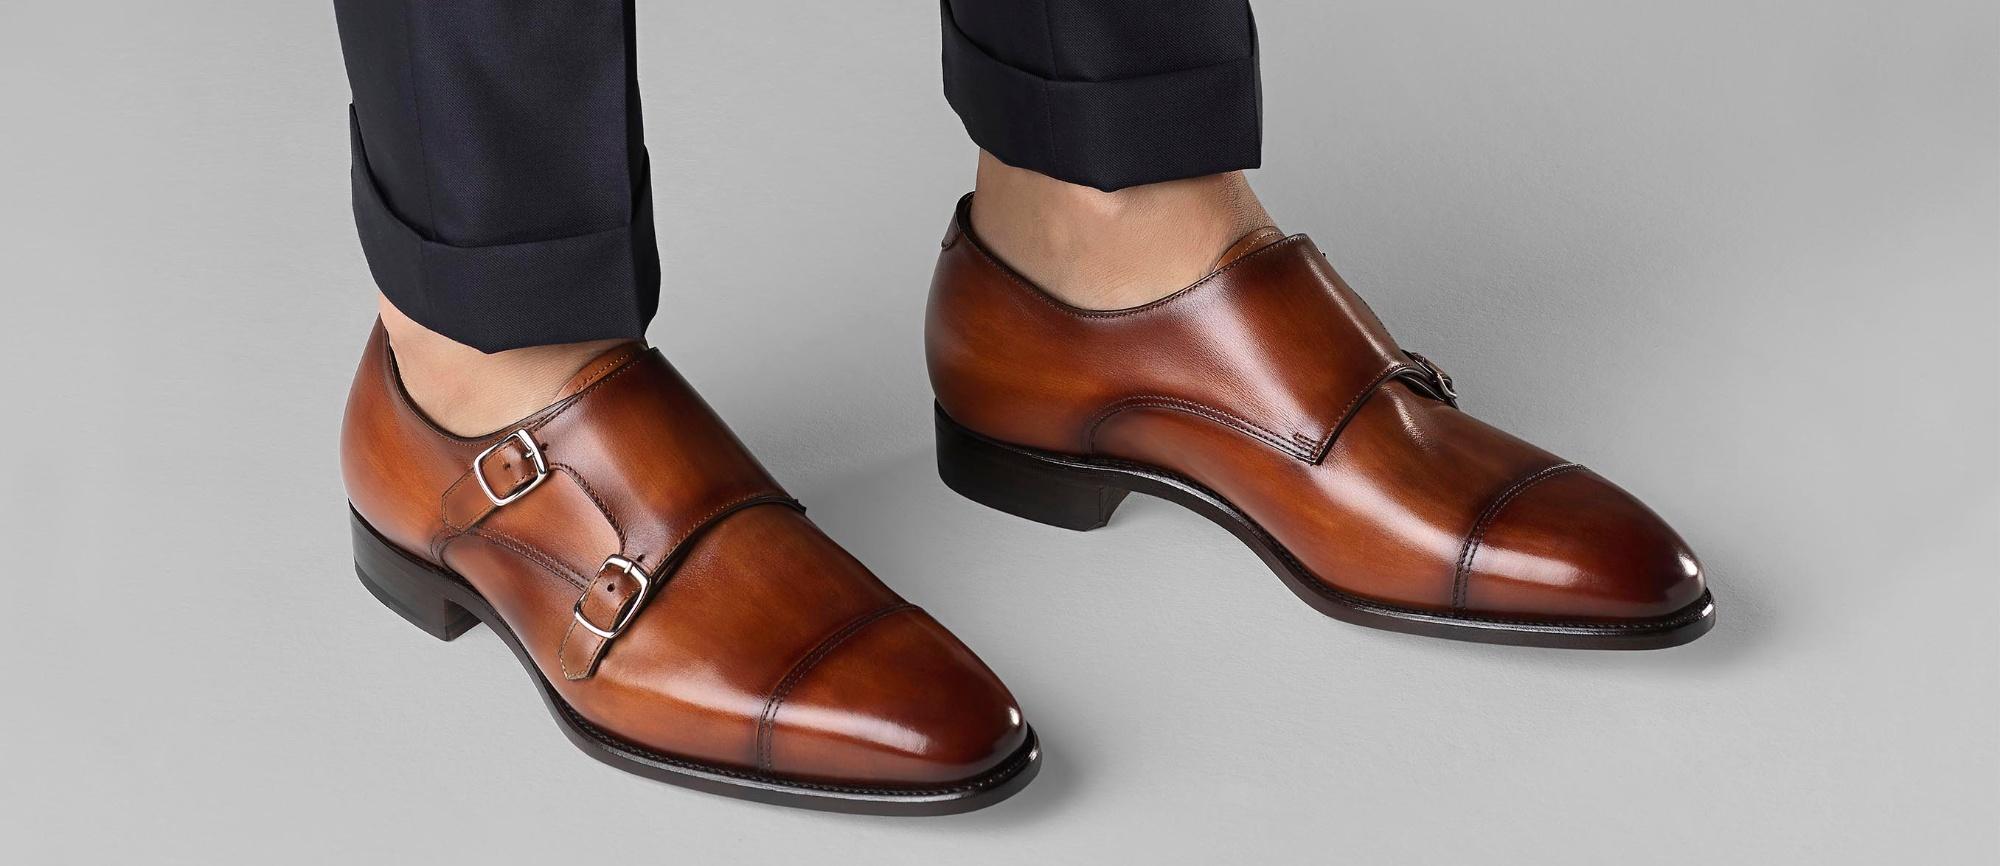 Double Buckle Shoes | Carlos Santos